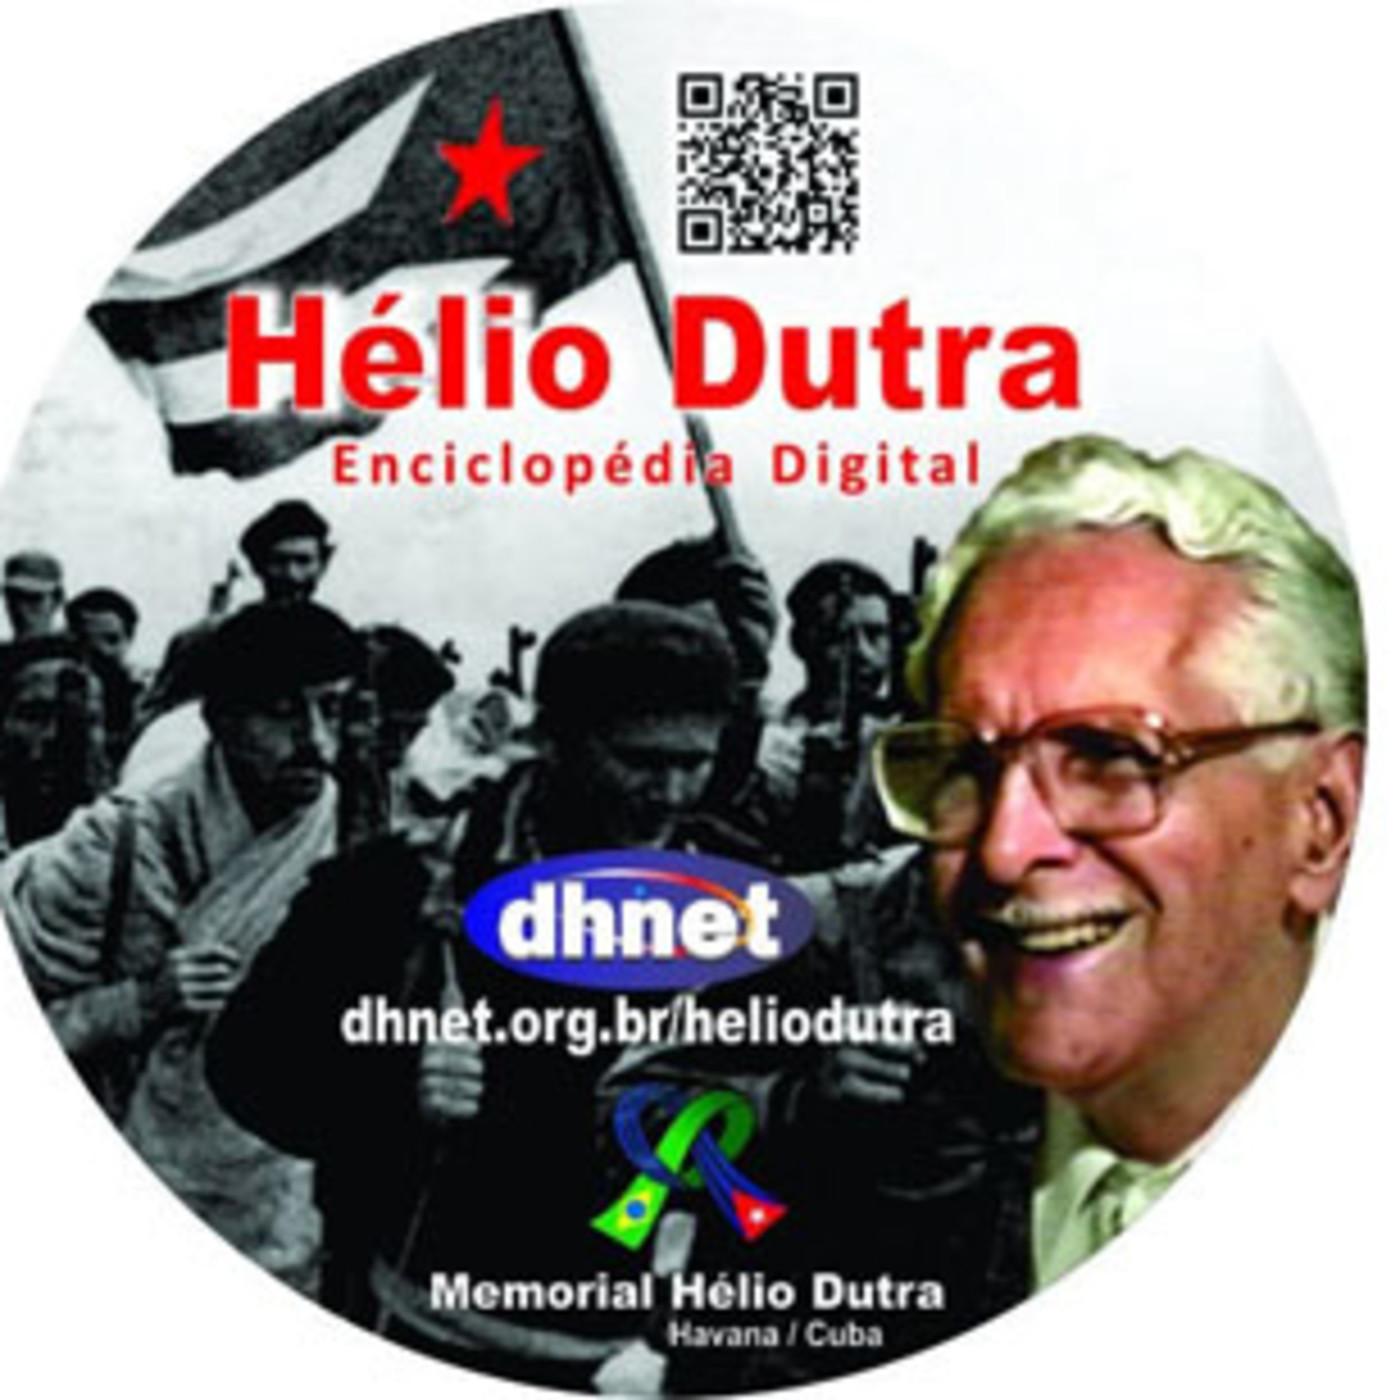 Presentan en Cuba multimedia sobre activista brasileño de solidaridad